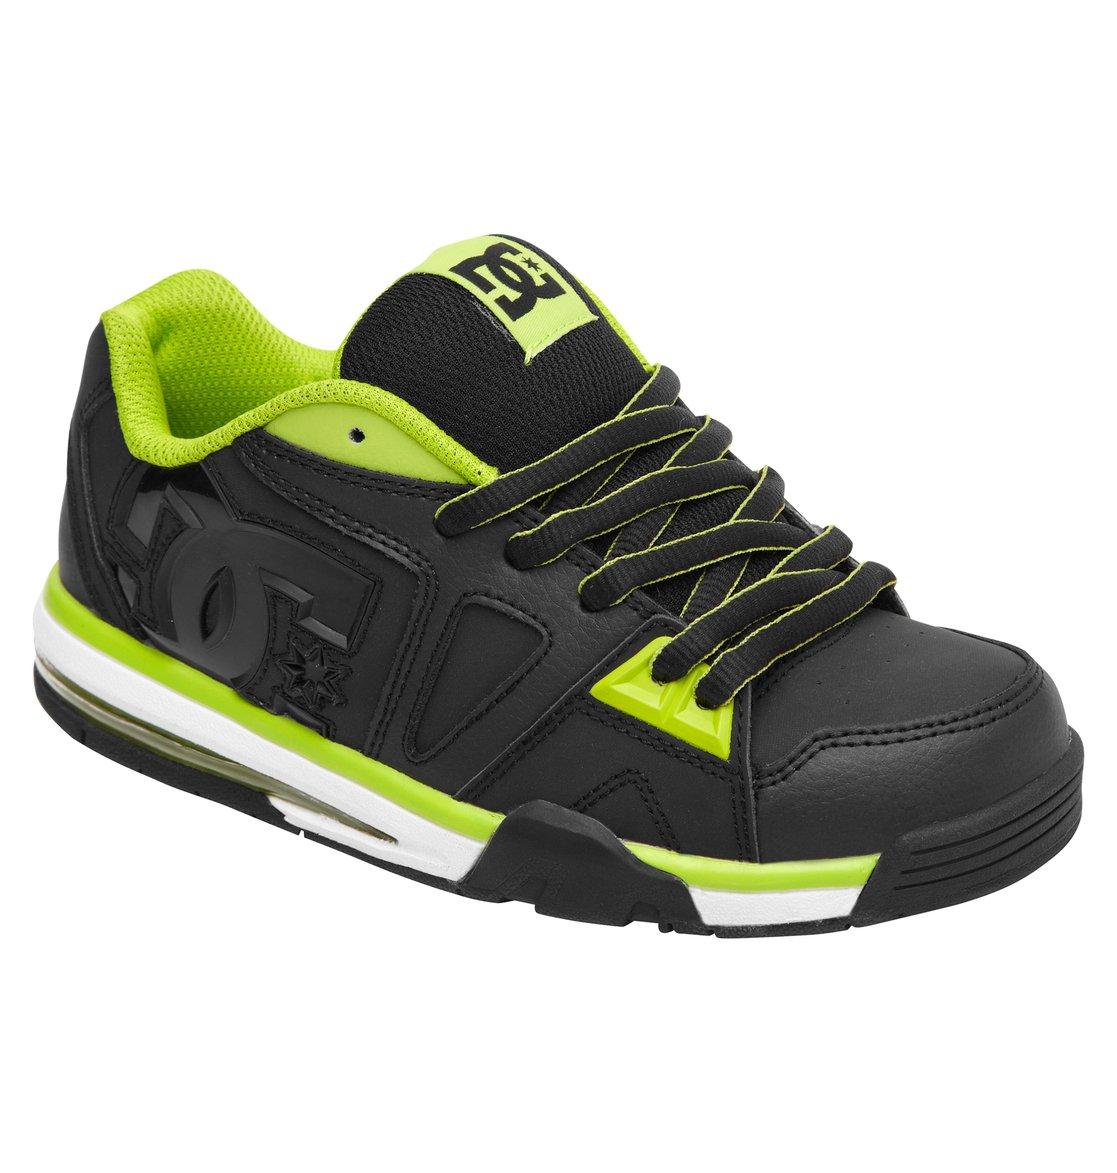 Dc Shoes Cortex Size